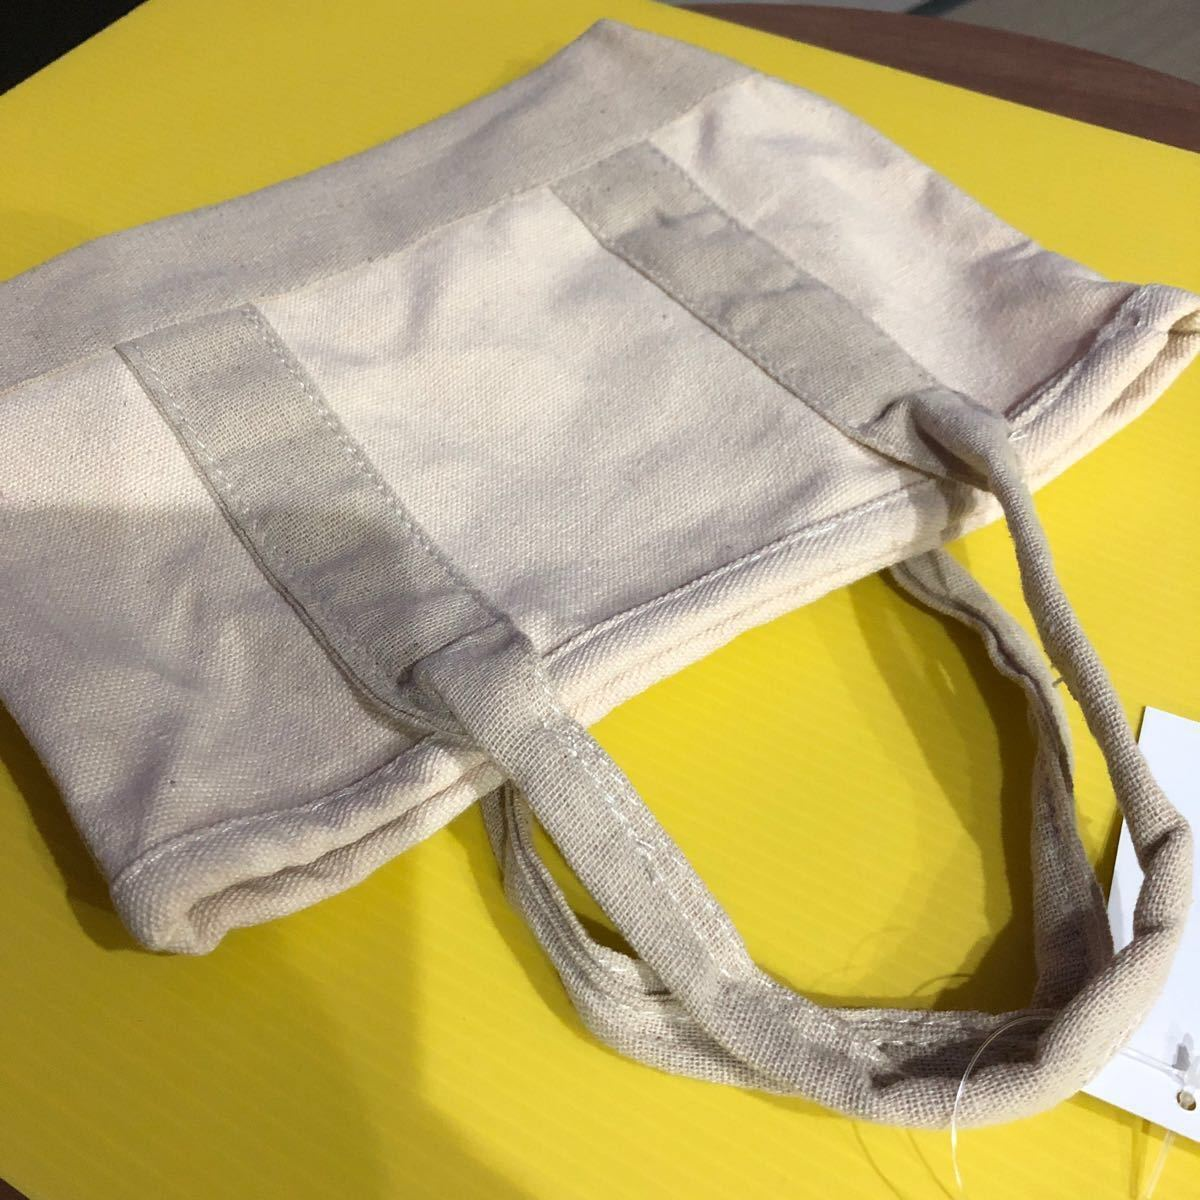 ミニトートバッグ、ポーチなど4点セット 新品未使用